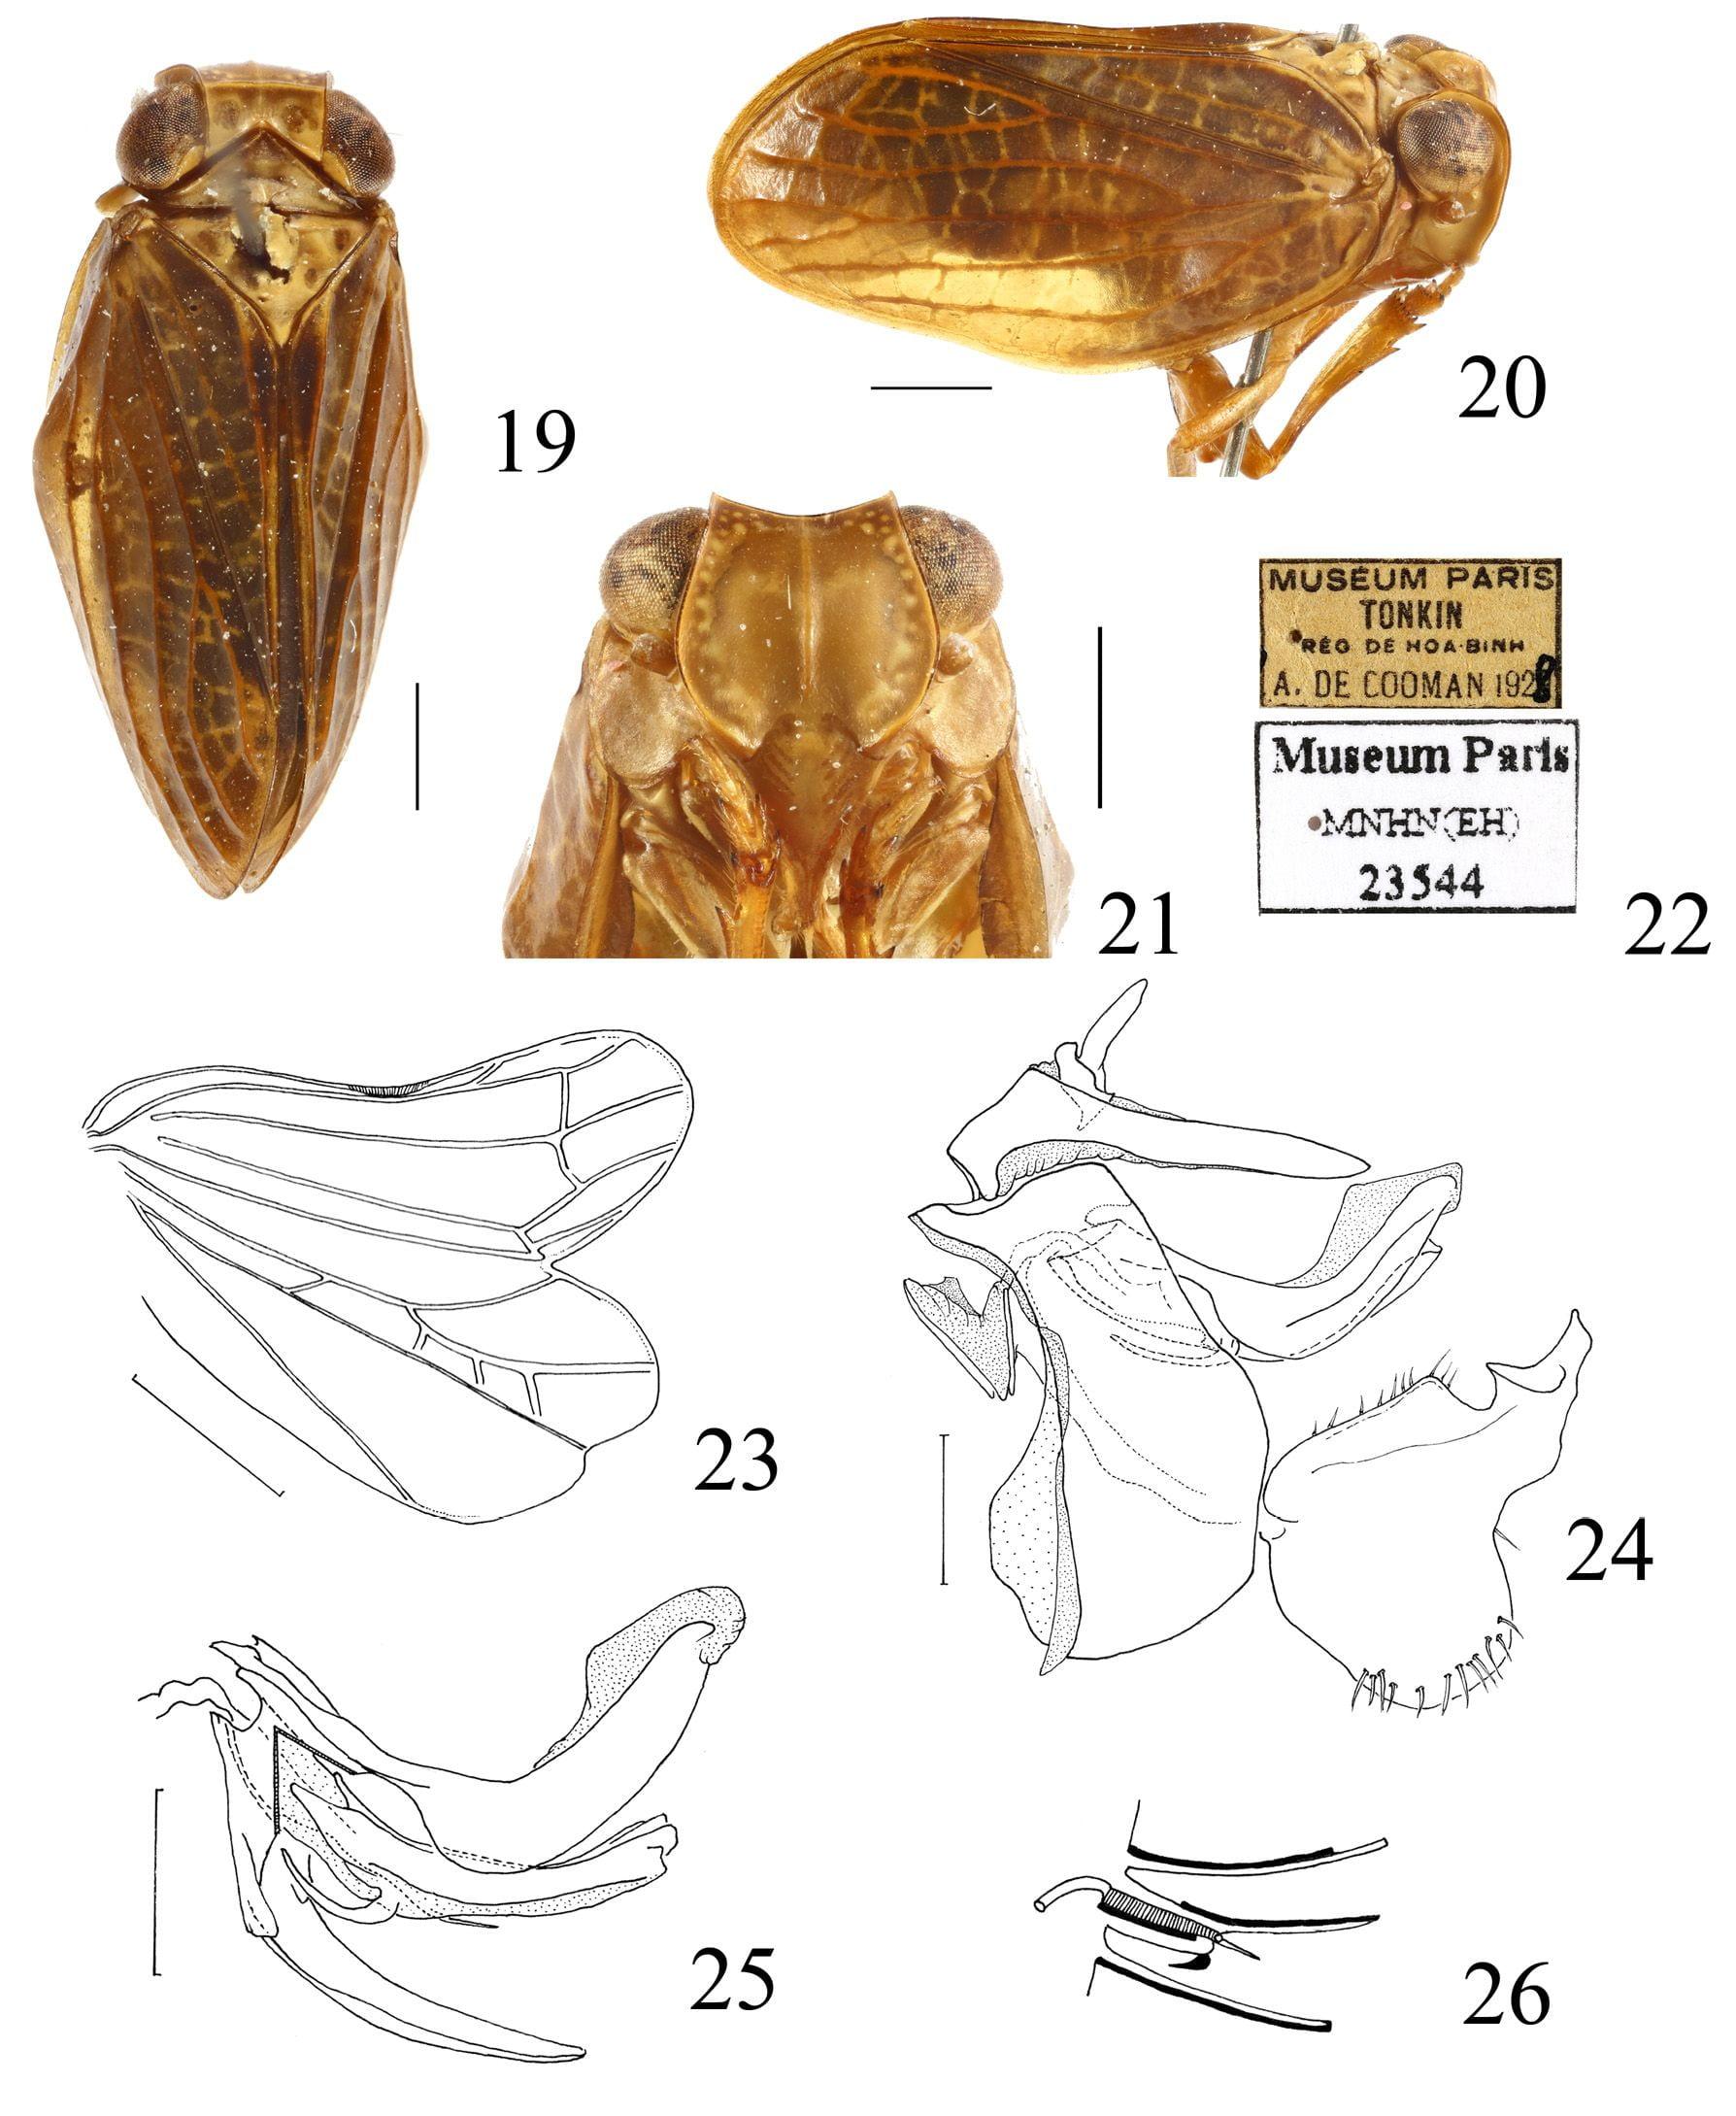 Tetricissus philo